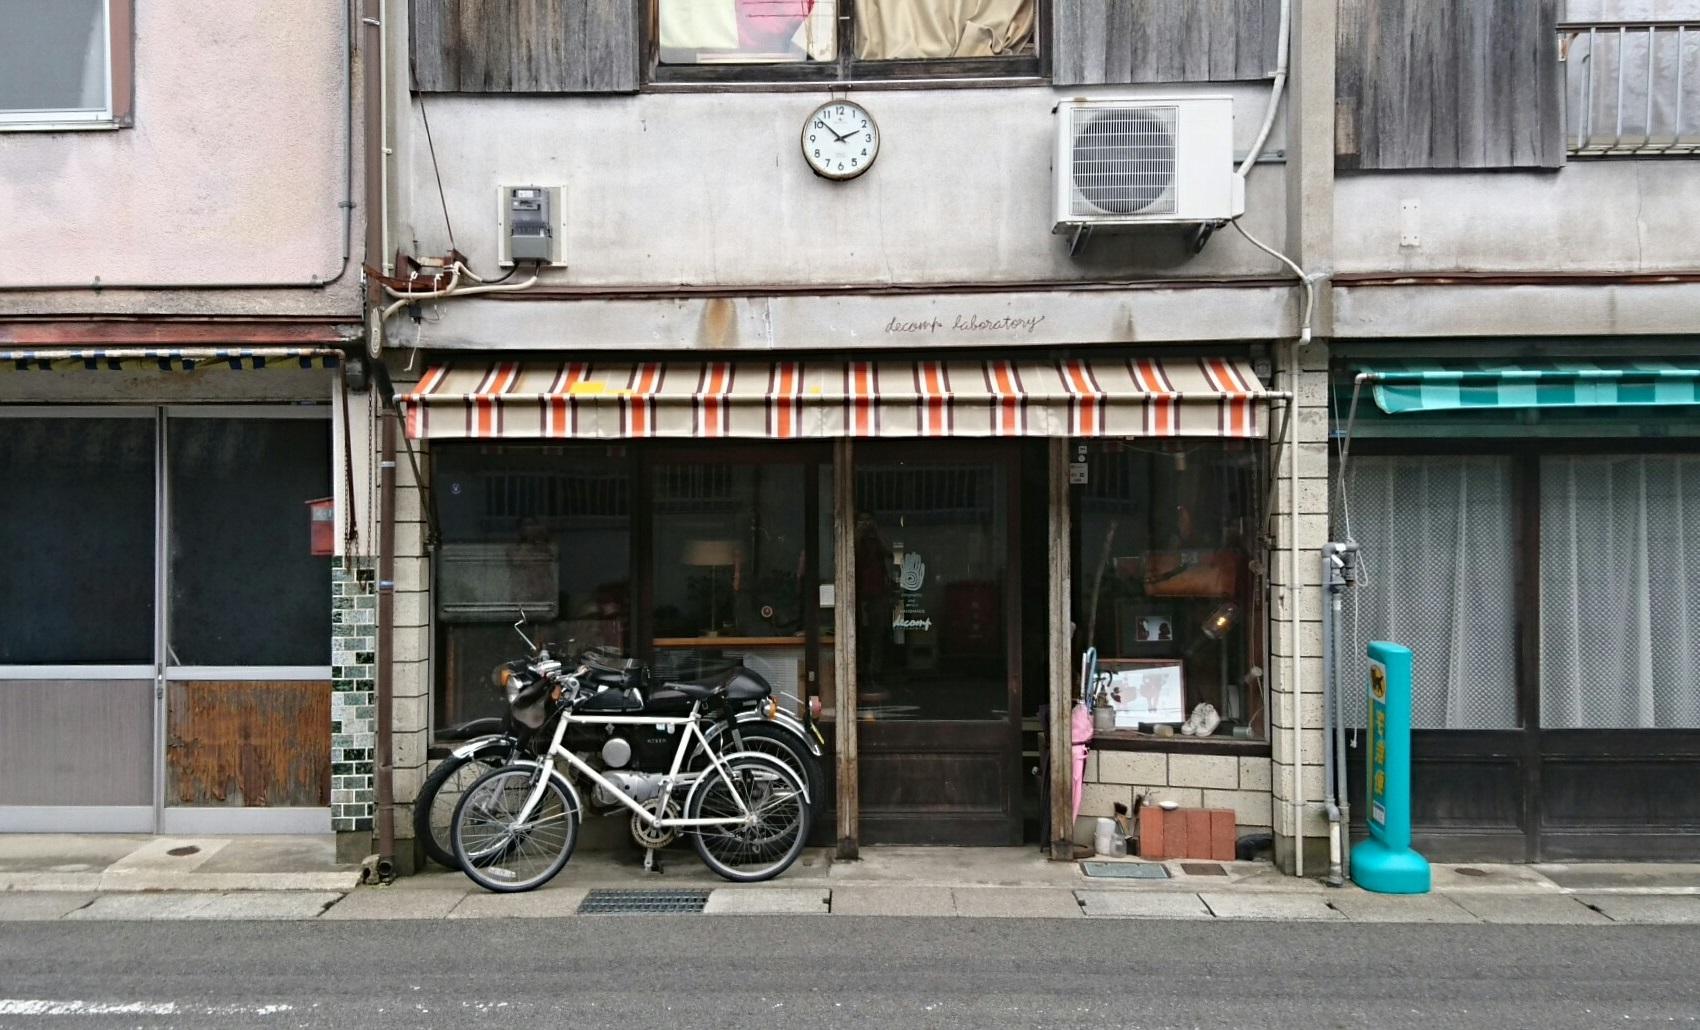 2017.6.3 豊岡 (91) かばんやさん(デコンプラボラトリー) 1700-1030